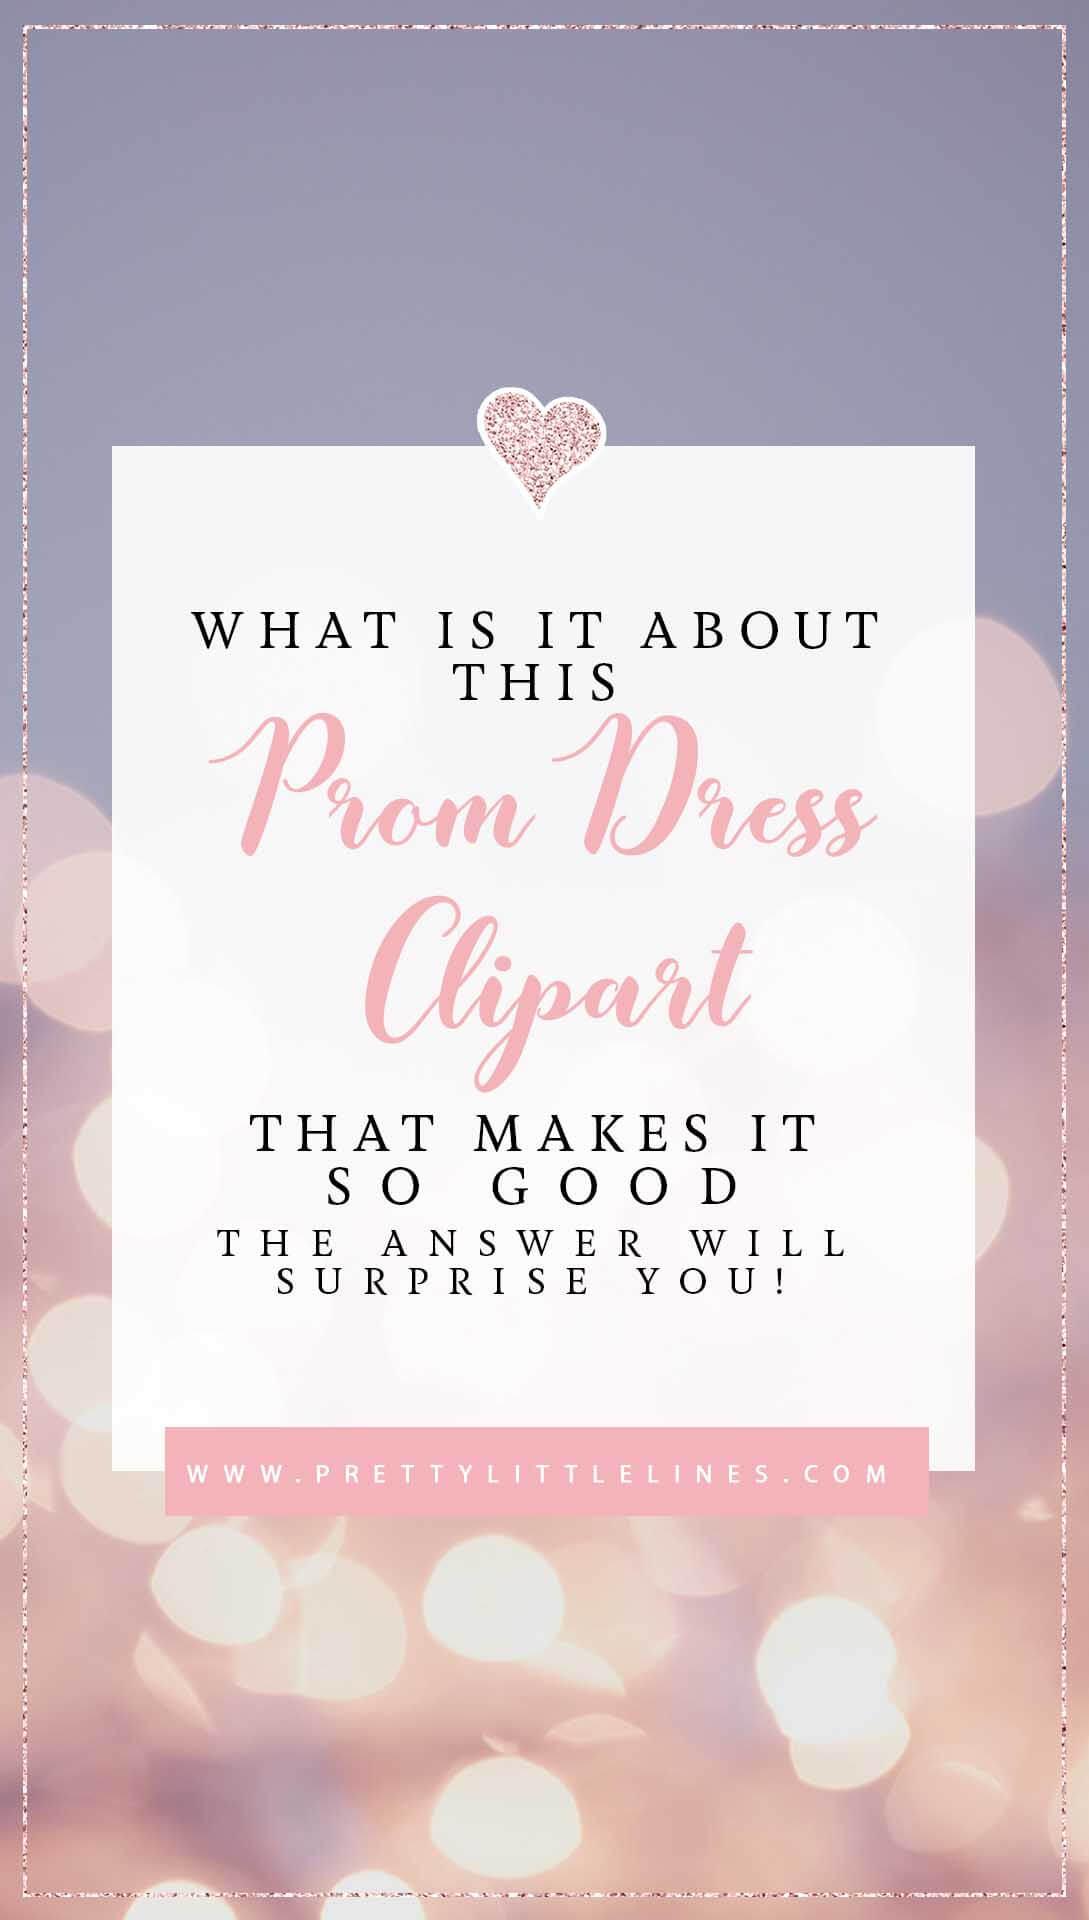 prom dress cliaprt